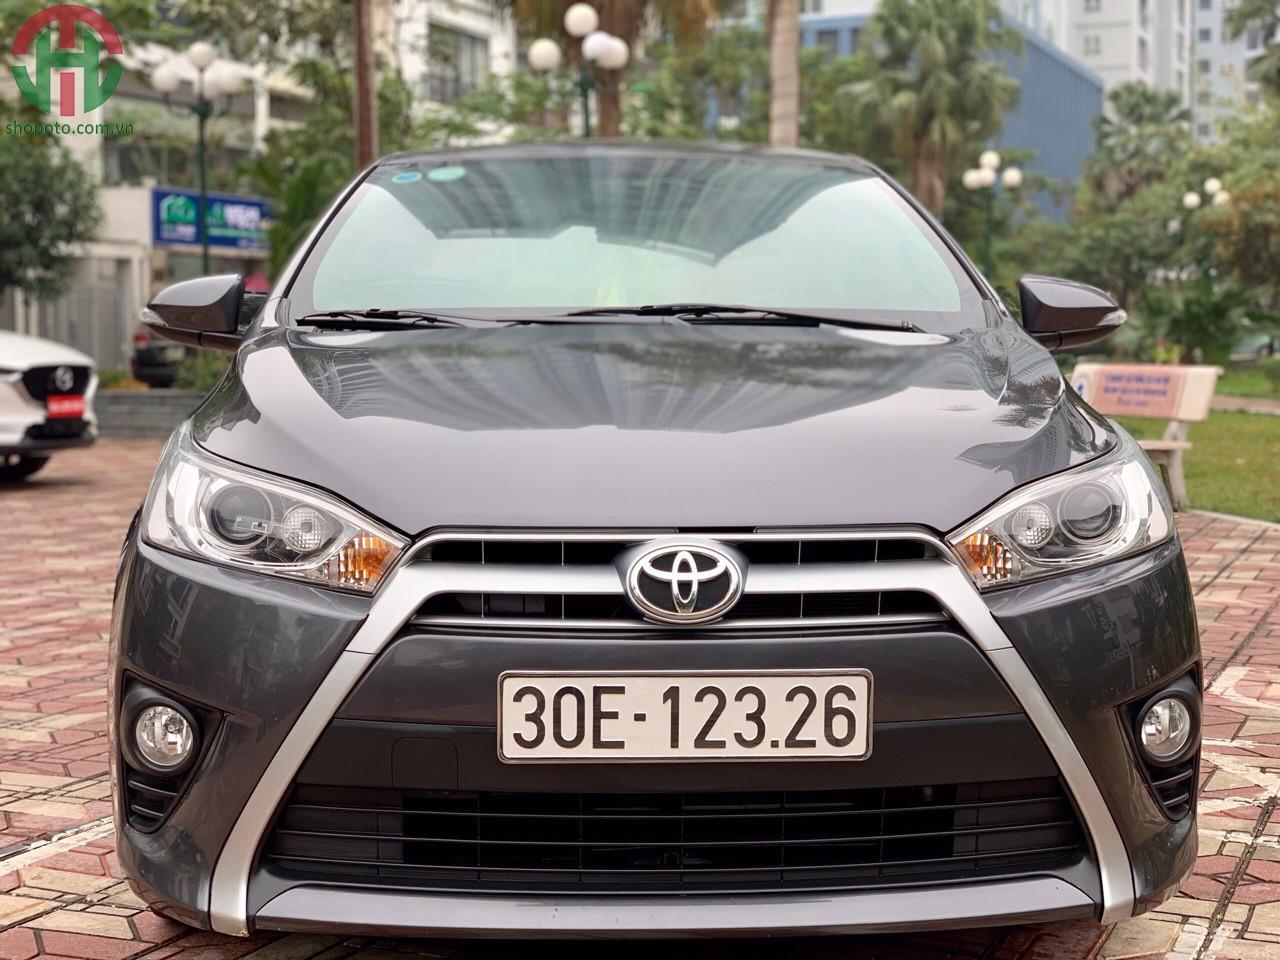 Toyota Yaris 1.5 G Model 2015 màu Xám